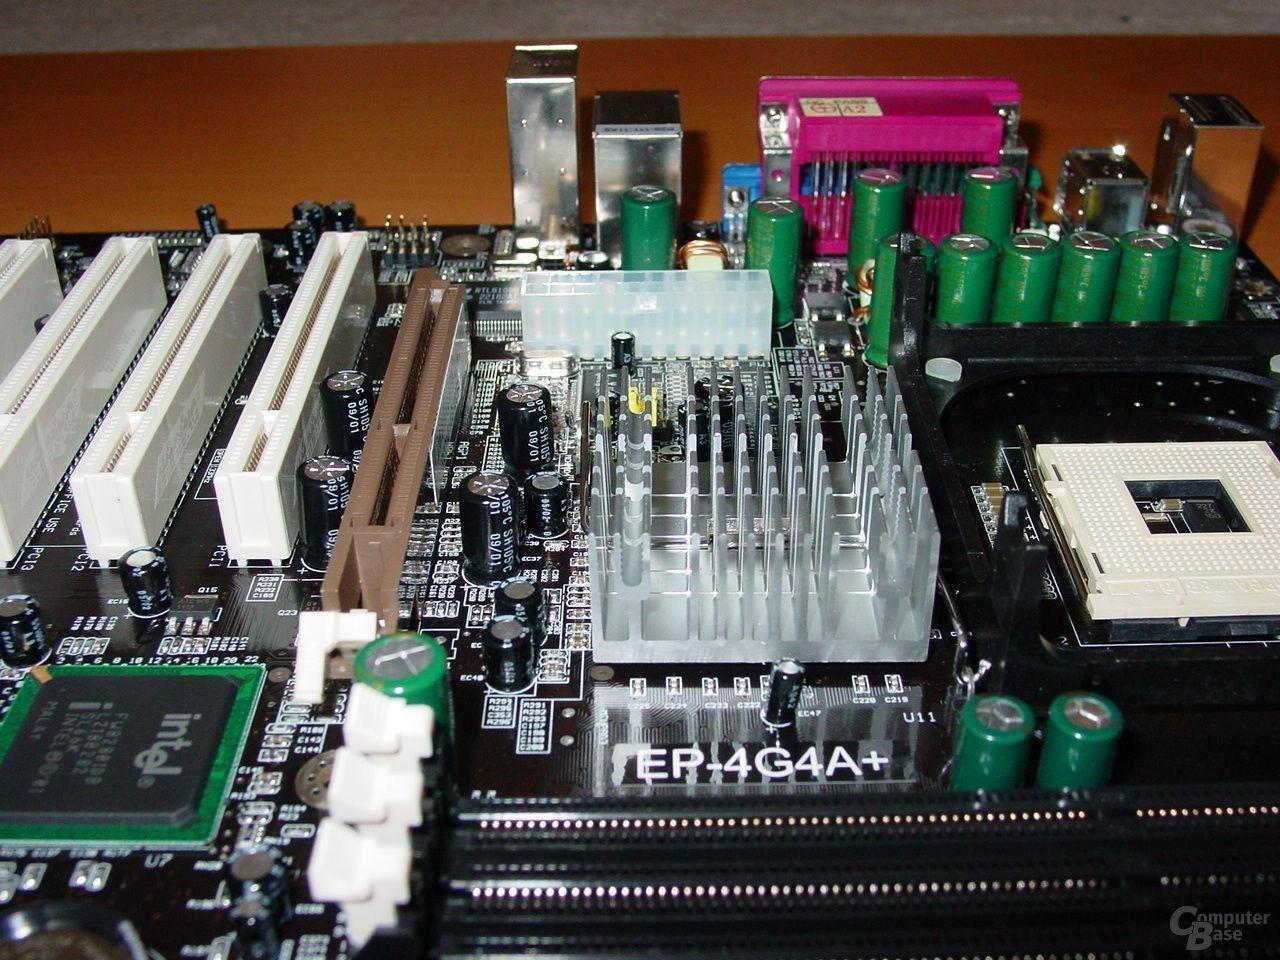 EP-4G4A+ i845G-Kühler